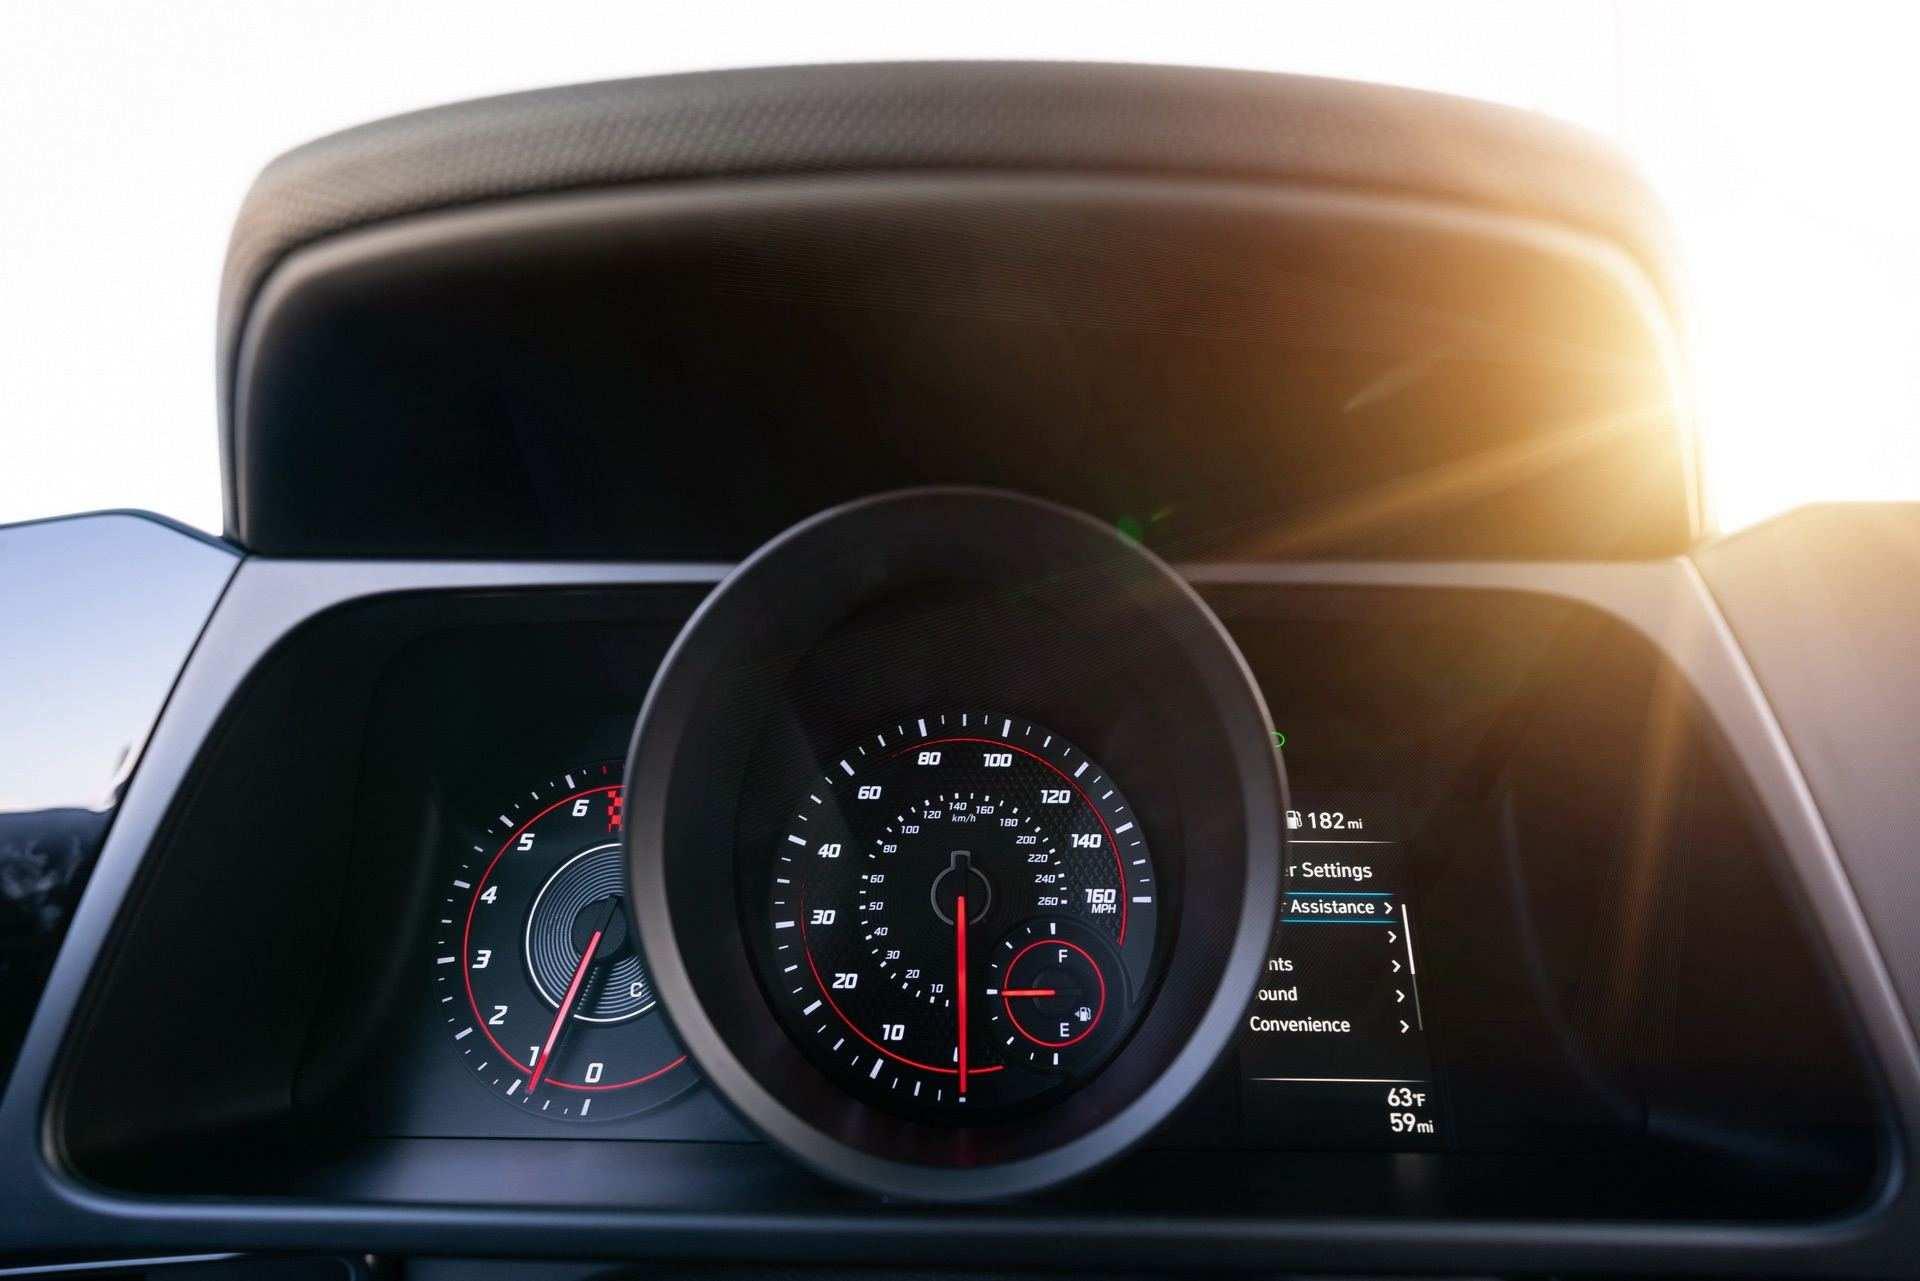 Hyundai-Elantra-N-Line-i30-Sedan-50